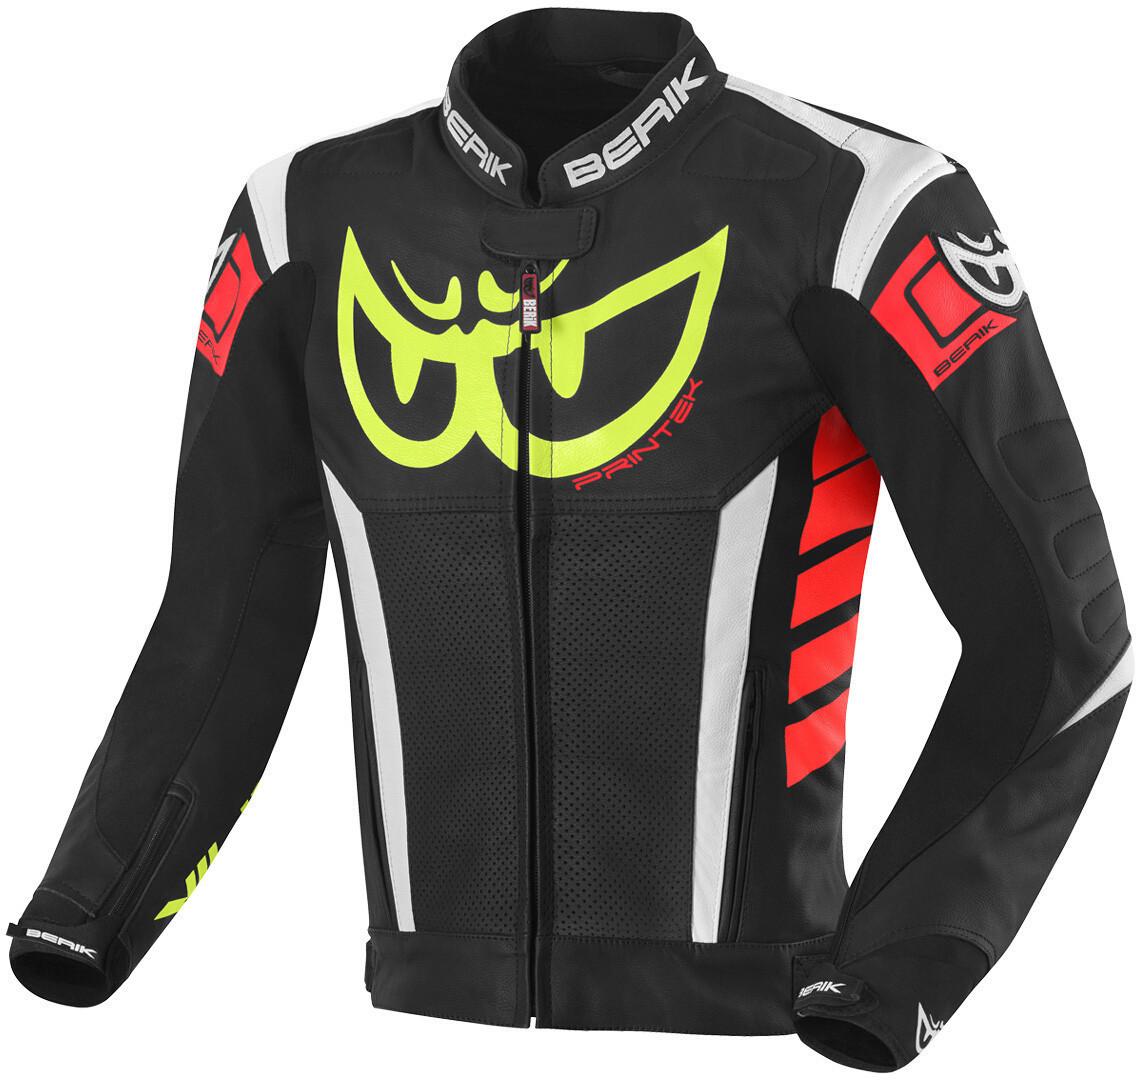 Berik Zakura Motorrad Lederjacke, schwarz-weiss-rot-gelb, Größe 56, schwarz-weiss-rot-gelb, Größe 56